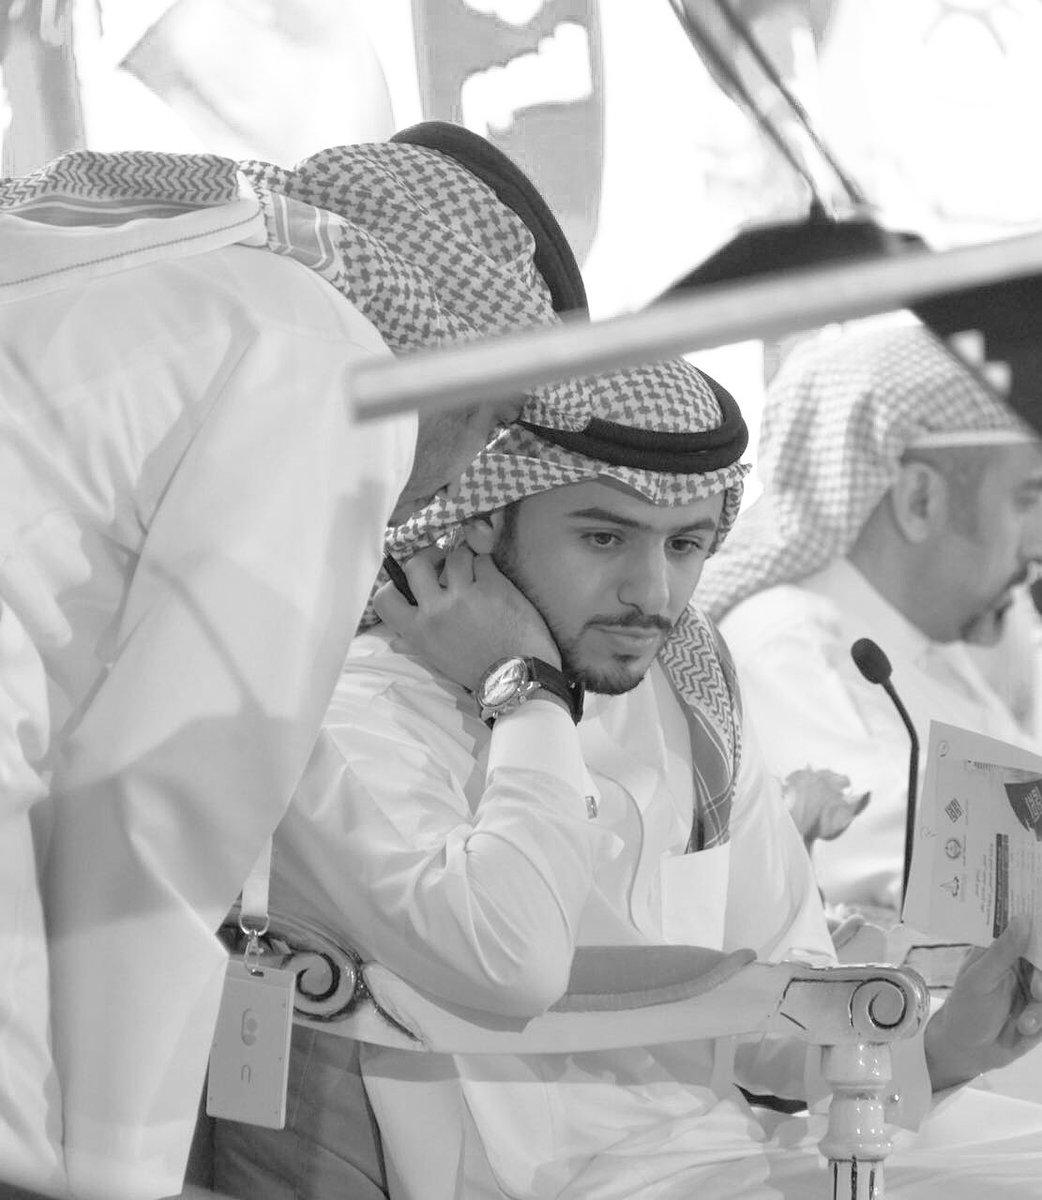 عبدالمجيد الفوزان On Twitter أجم ع علومك من هناك وهناك ووالله